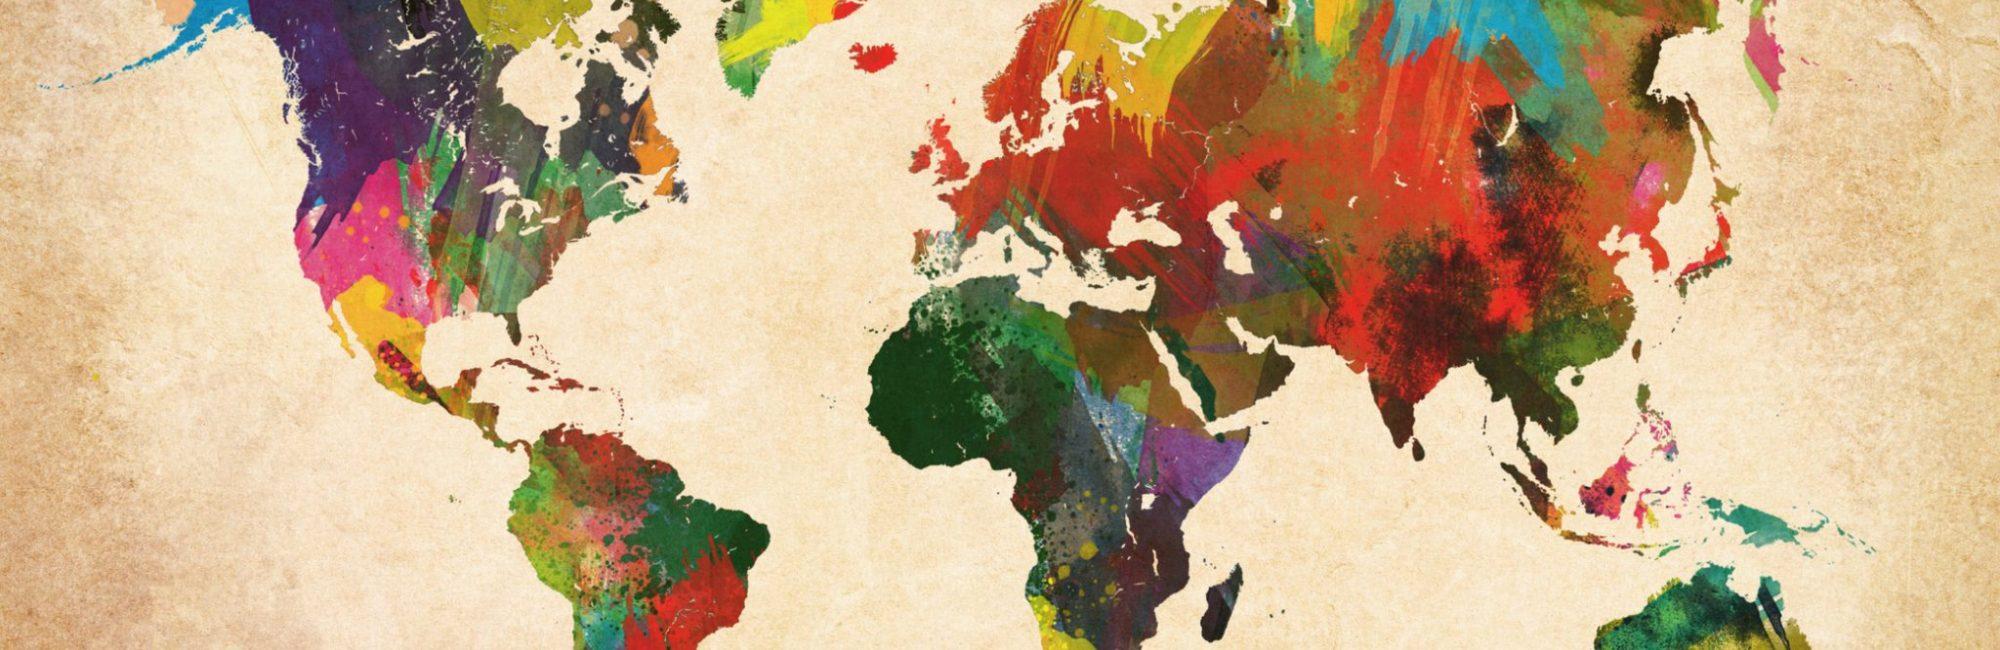 bachelor_interculturalstudies_HD